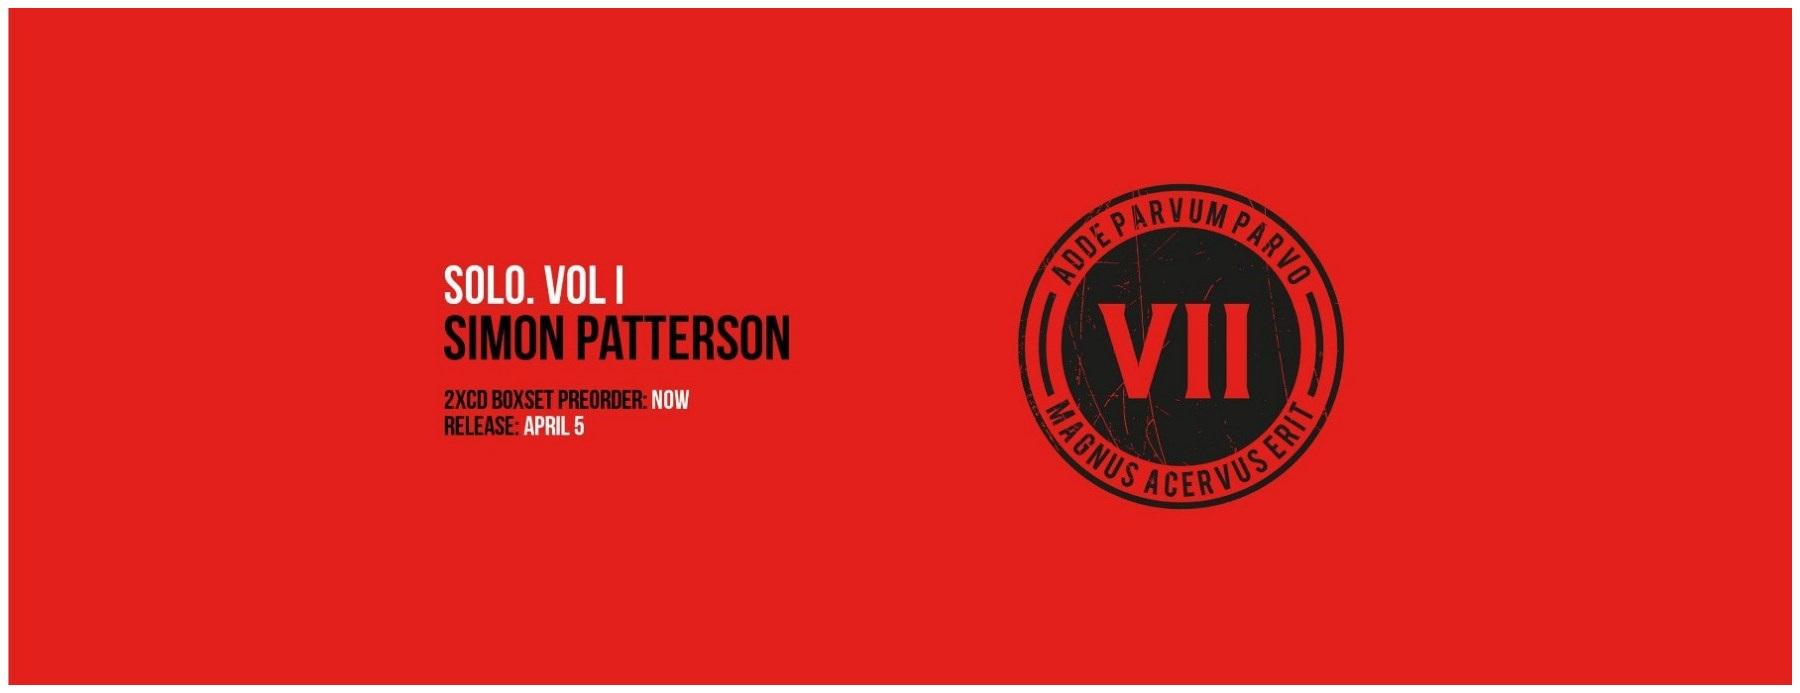 SIMON PATTERSON SOLO VOL 01